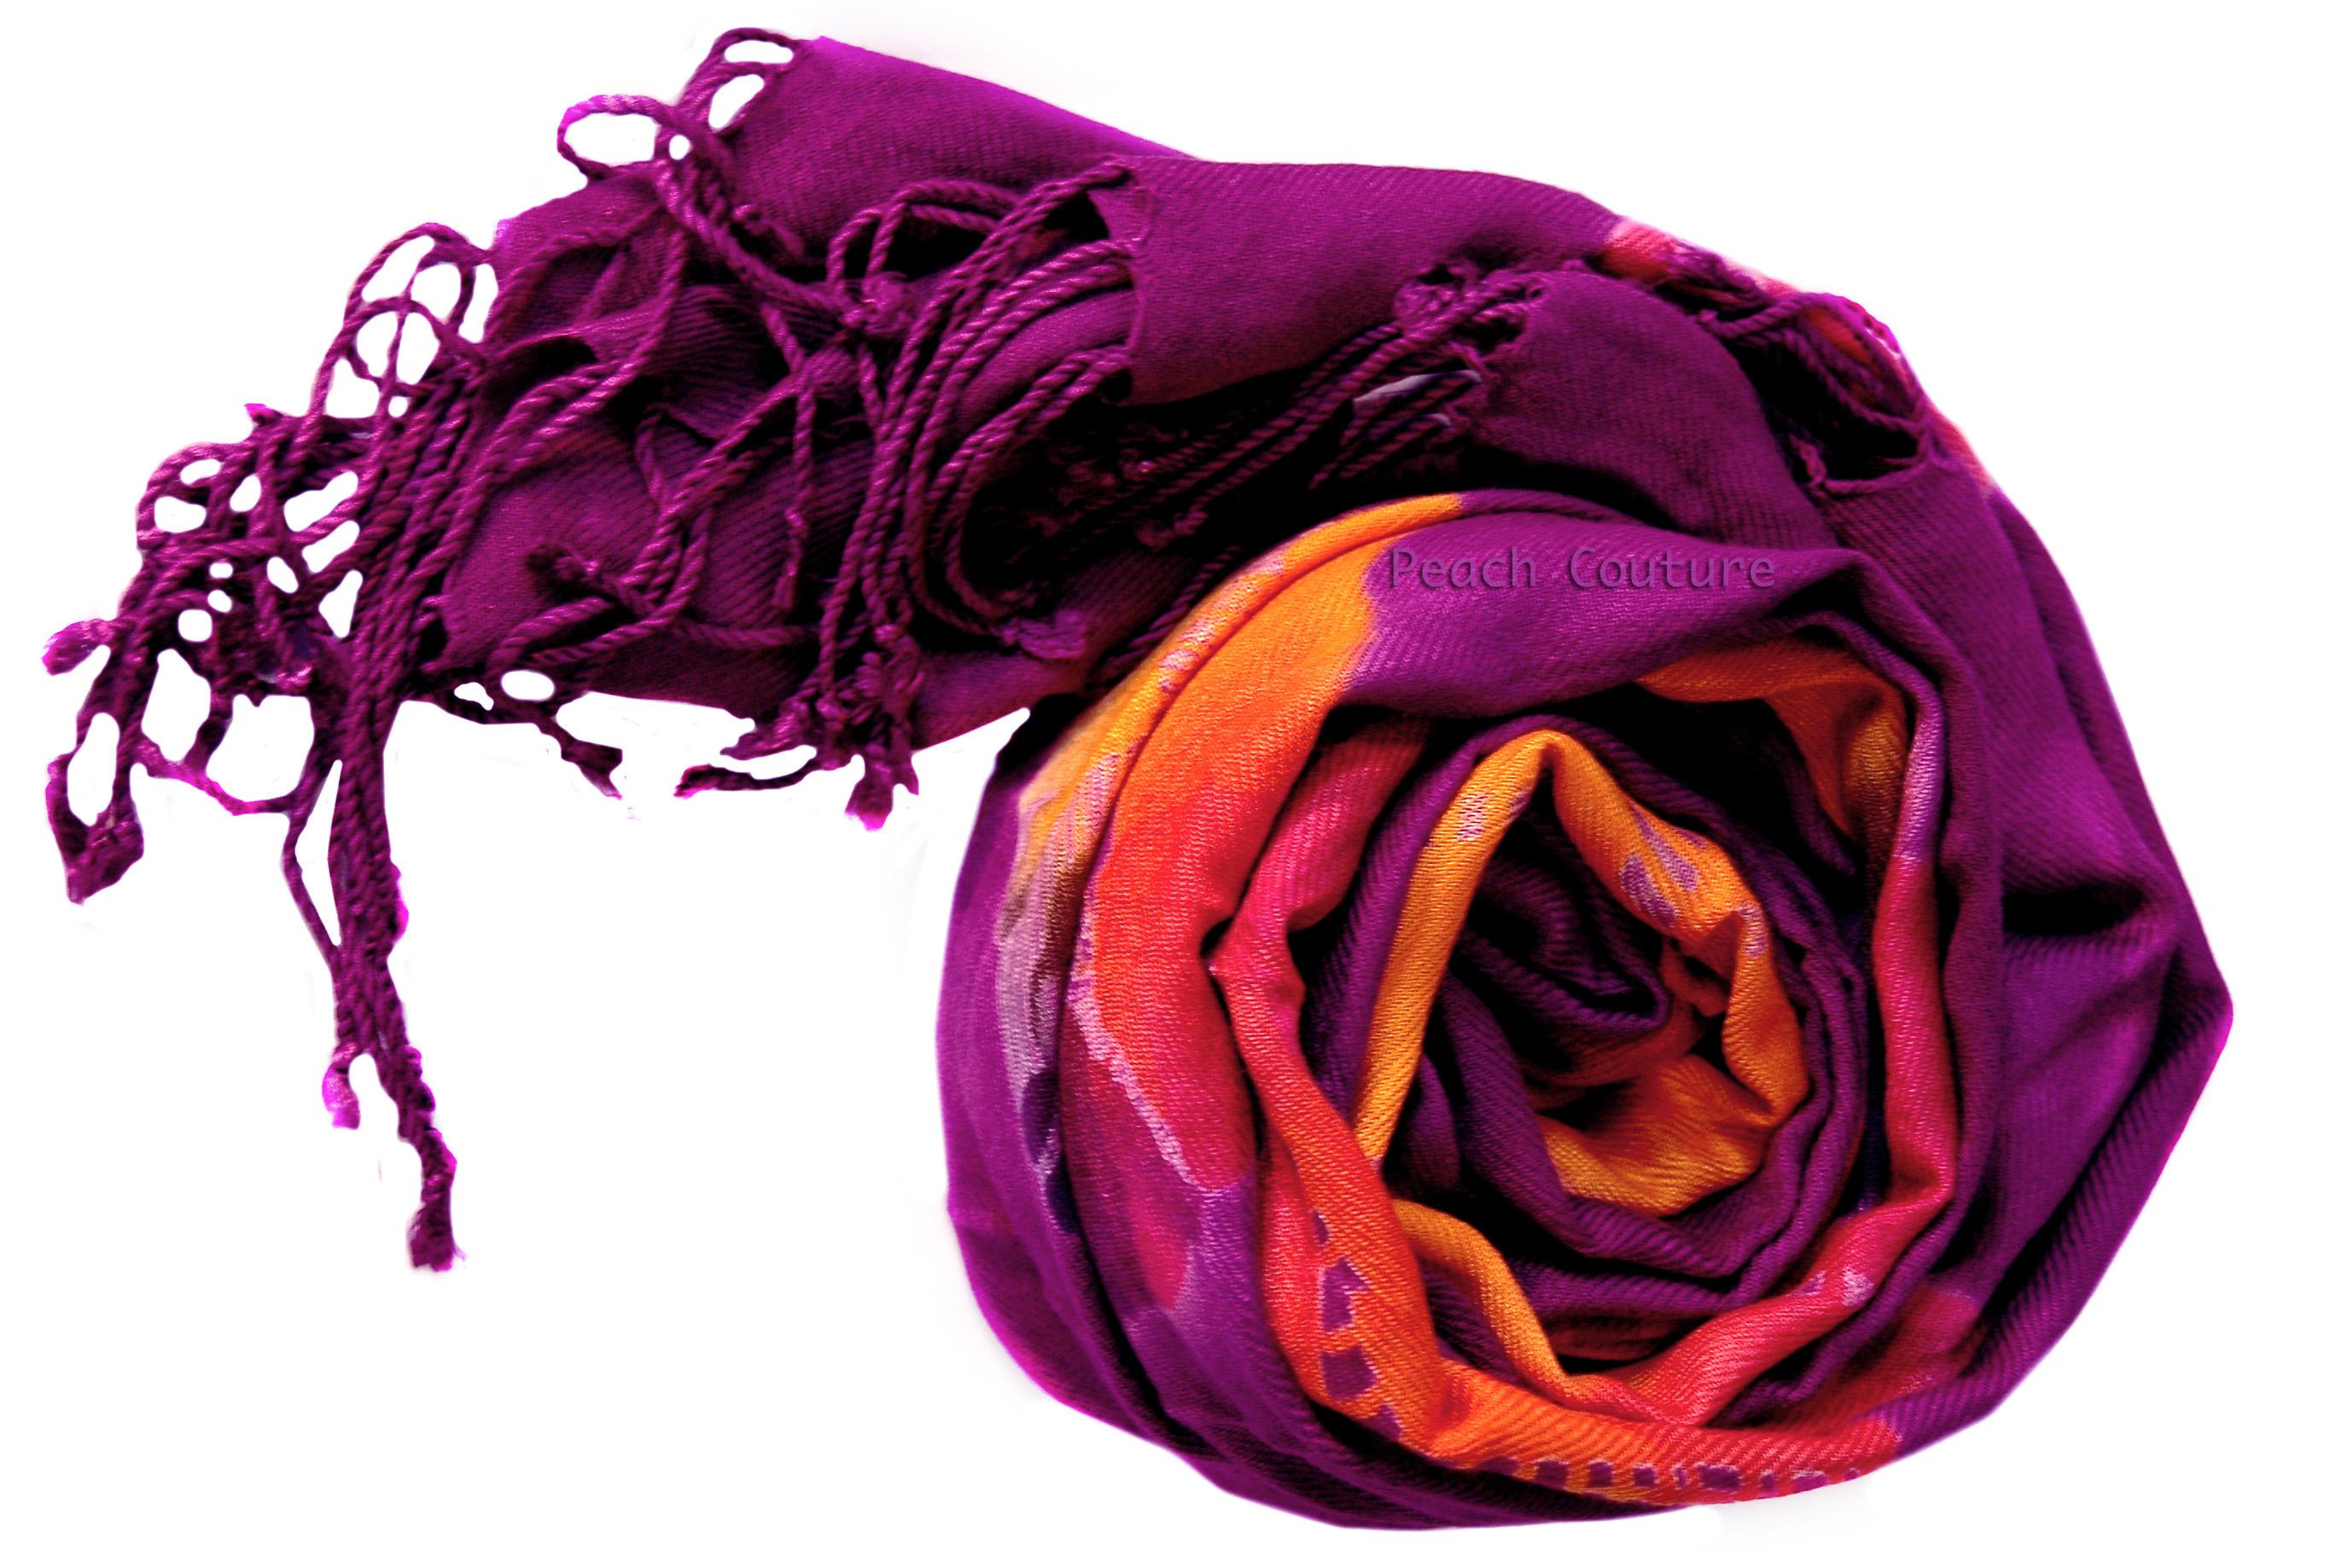 Peach Couture Fashion Scarves Tie Dye Shawls Scarves Pashminas.